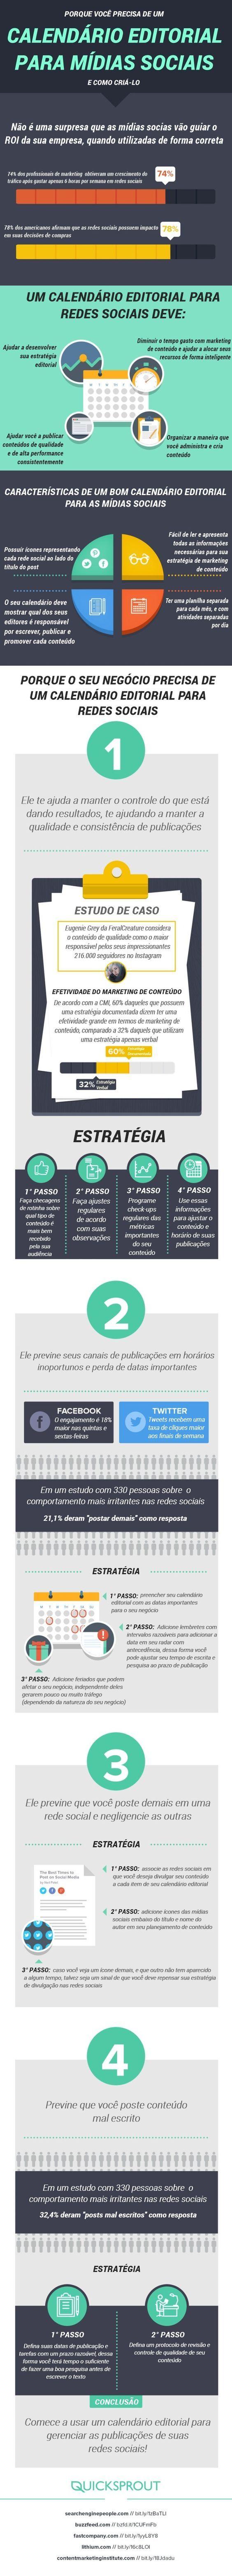 [Infográfico] Como criar um calendário editorial para suas redes sociais: